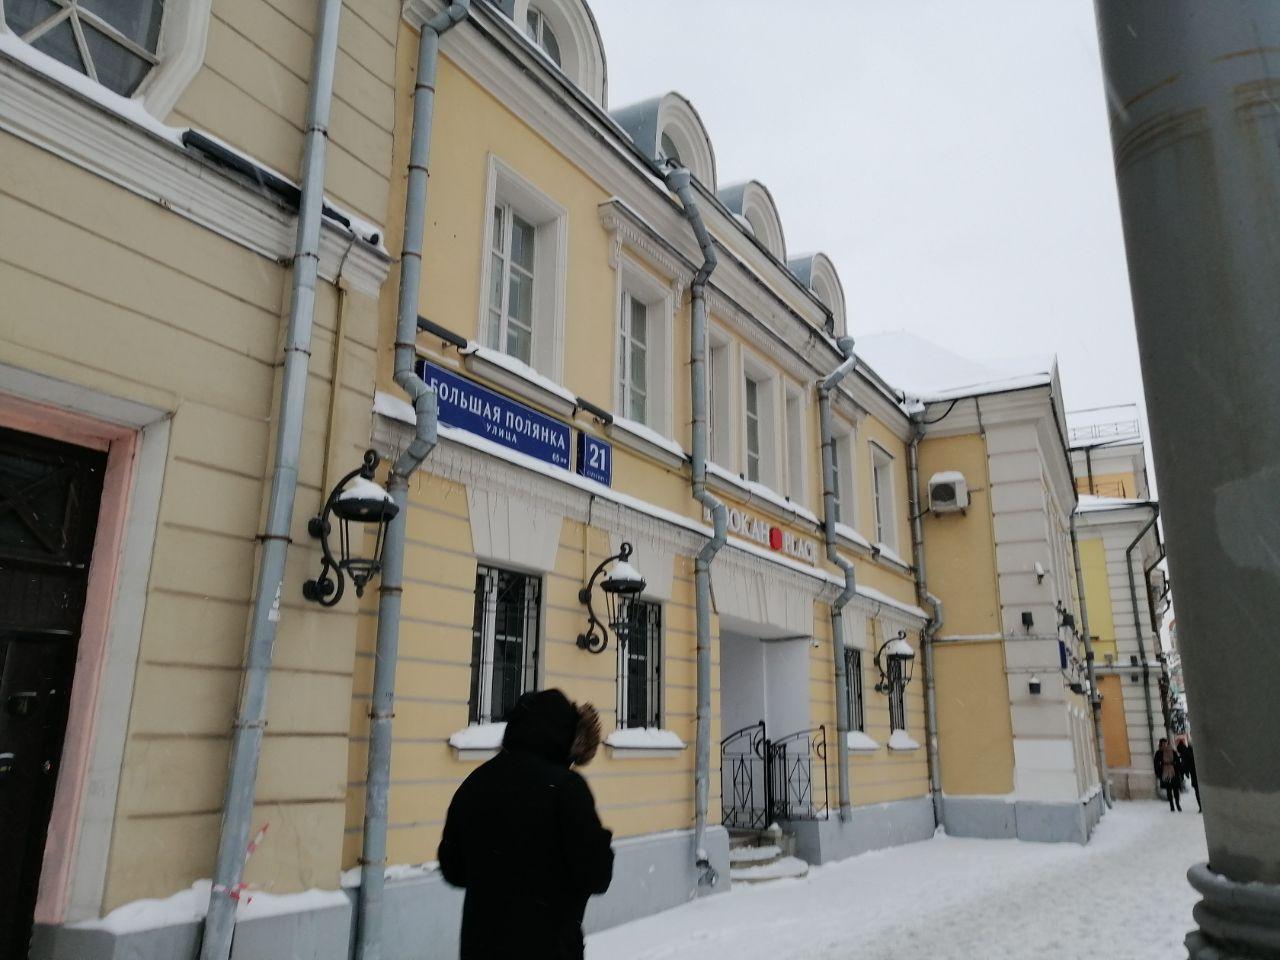 Бизнес Центр на ул. Большая Полянка, 21с1